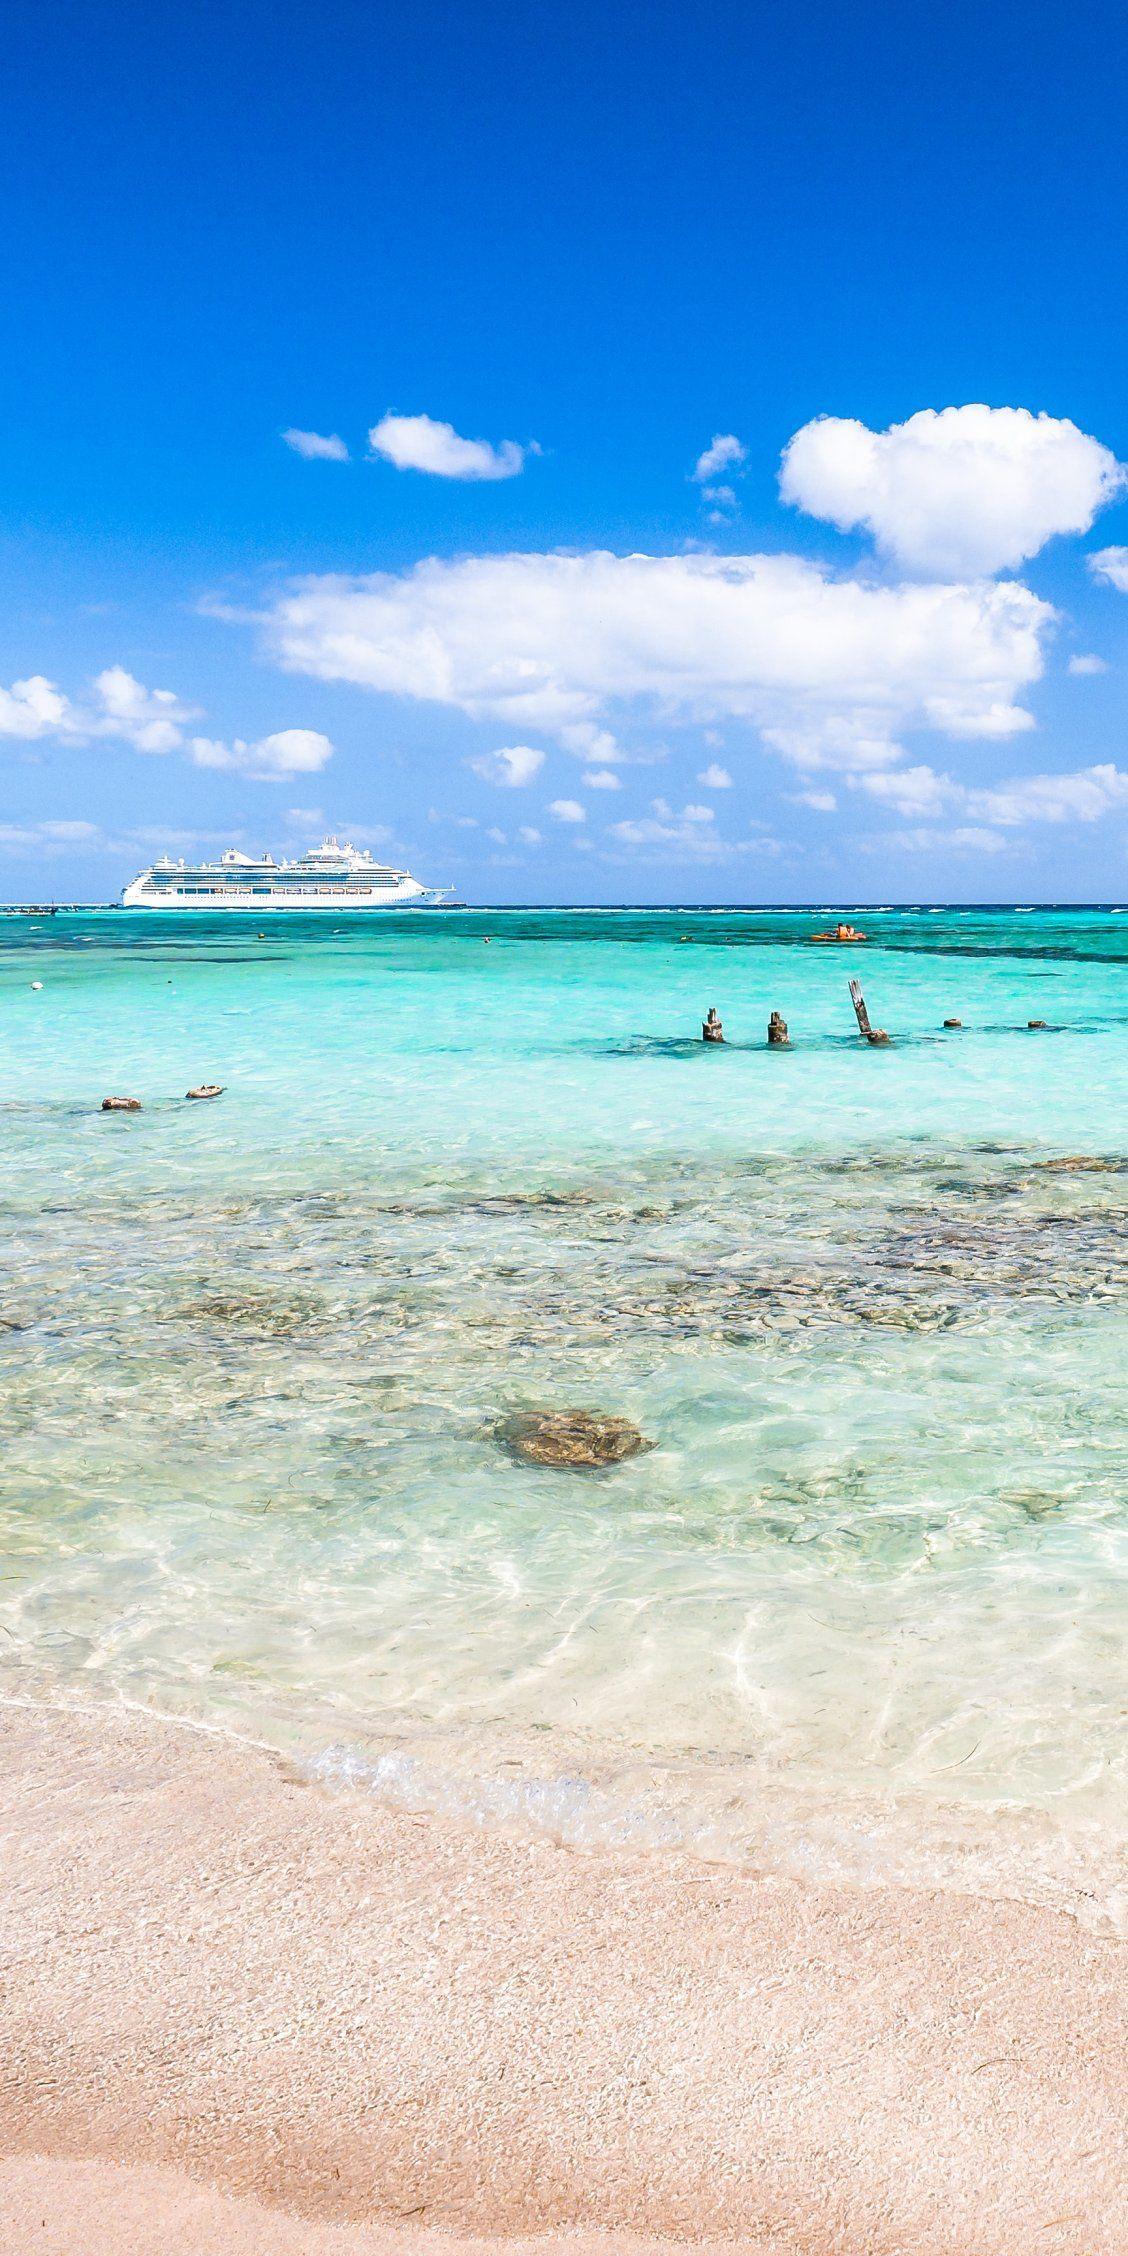 Costa maya mexico explore the tropical shores of costa